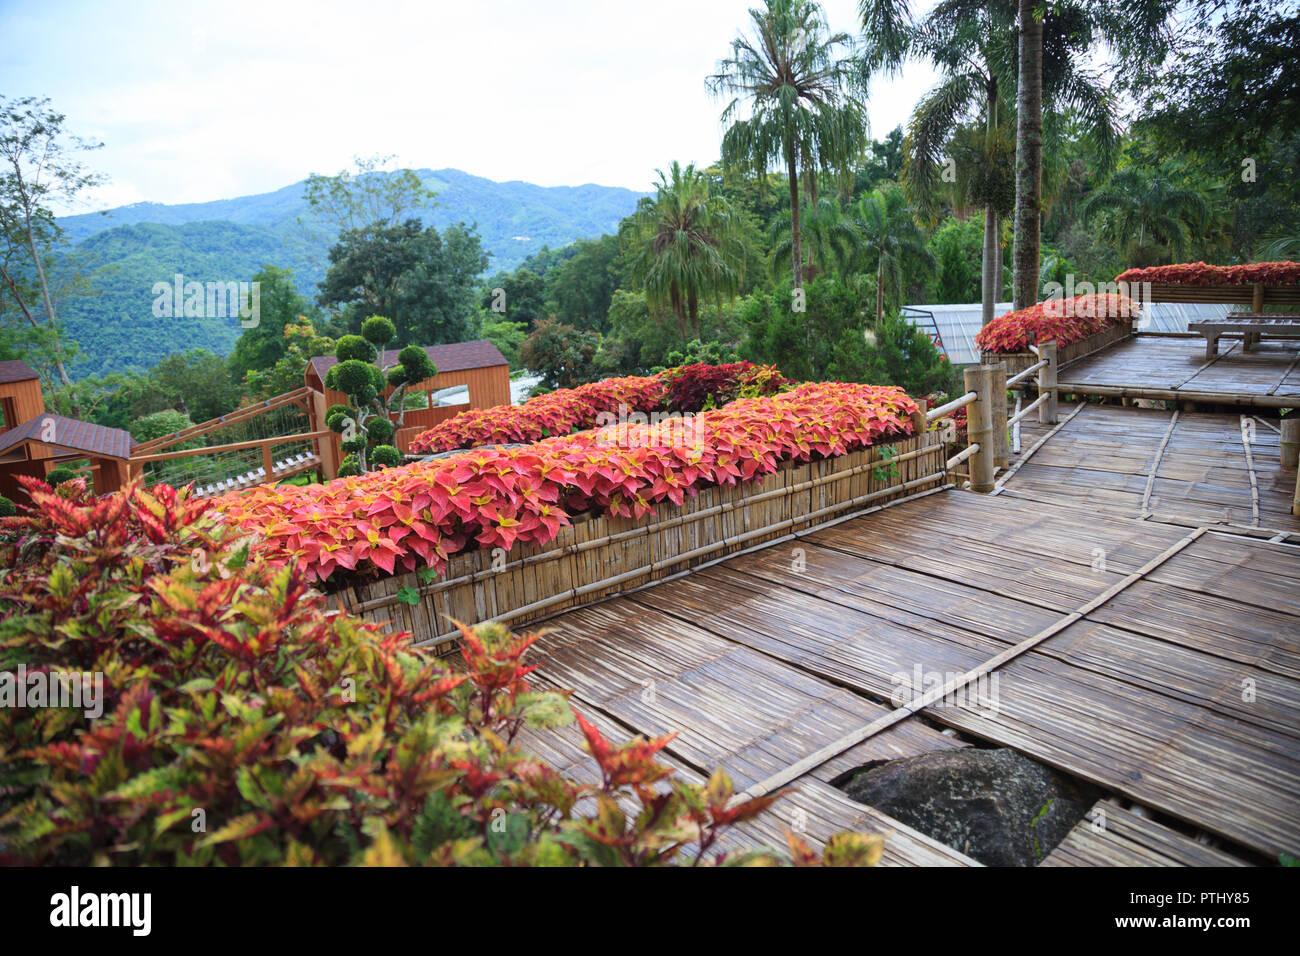 Tropischen Landlichen Haus Garten Bambus Holz Balkon Terrasse Mit